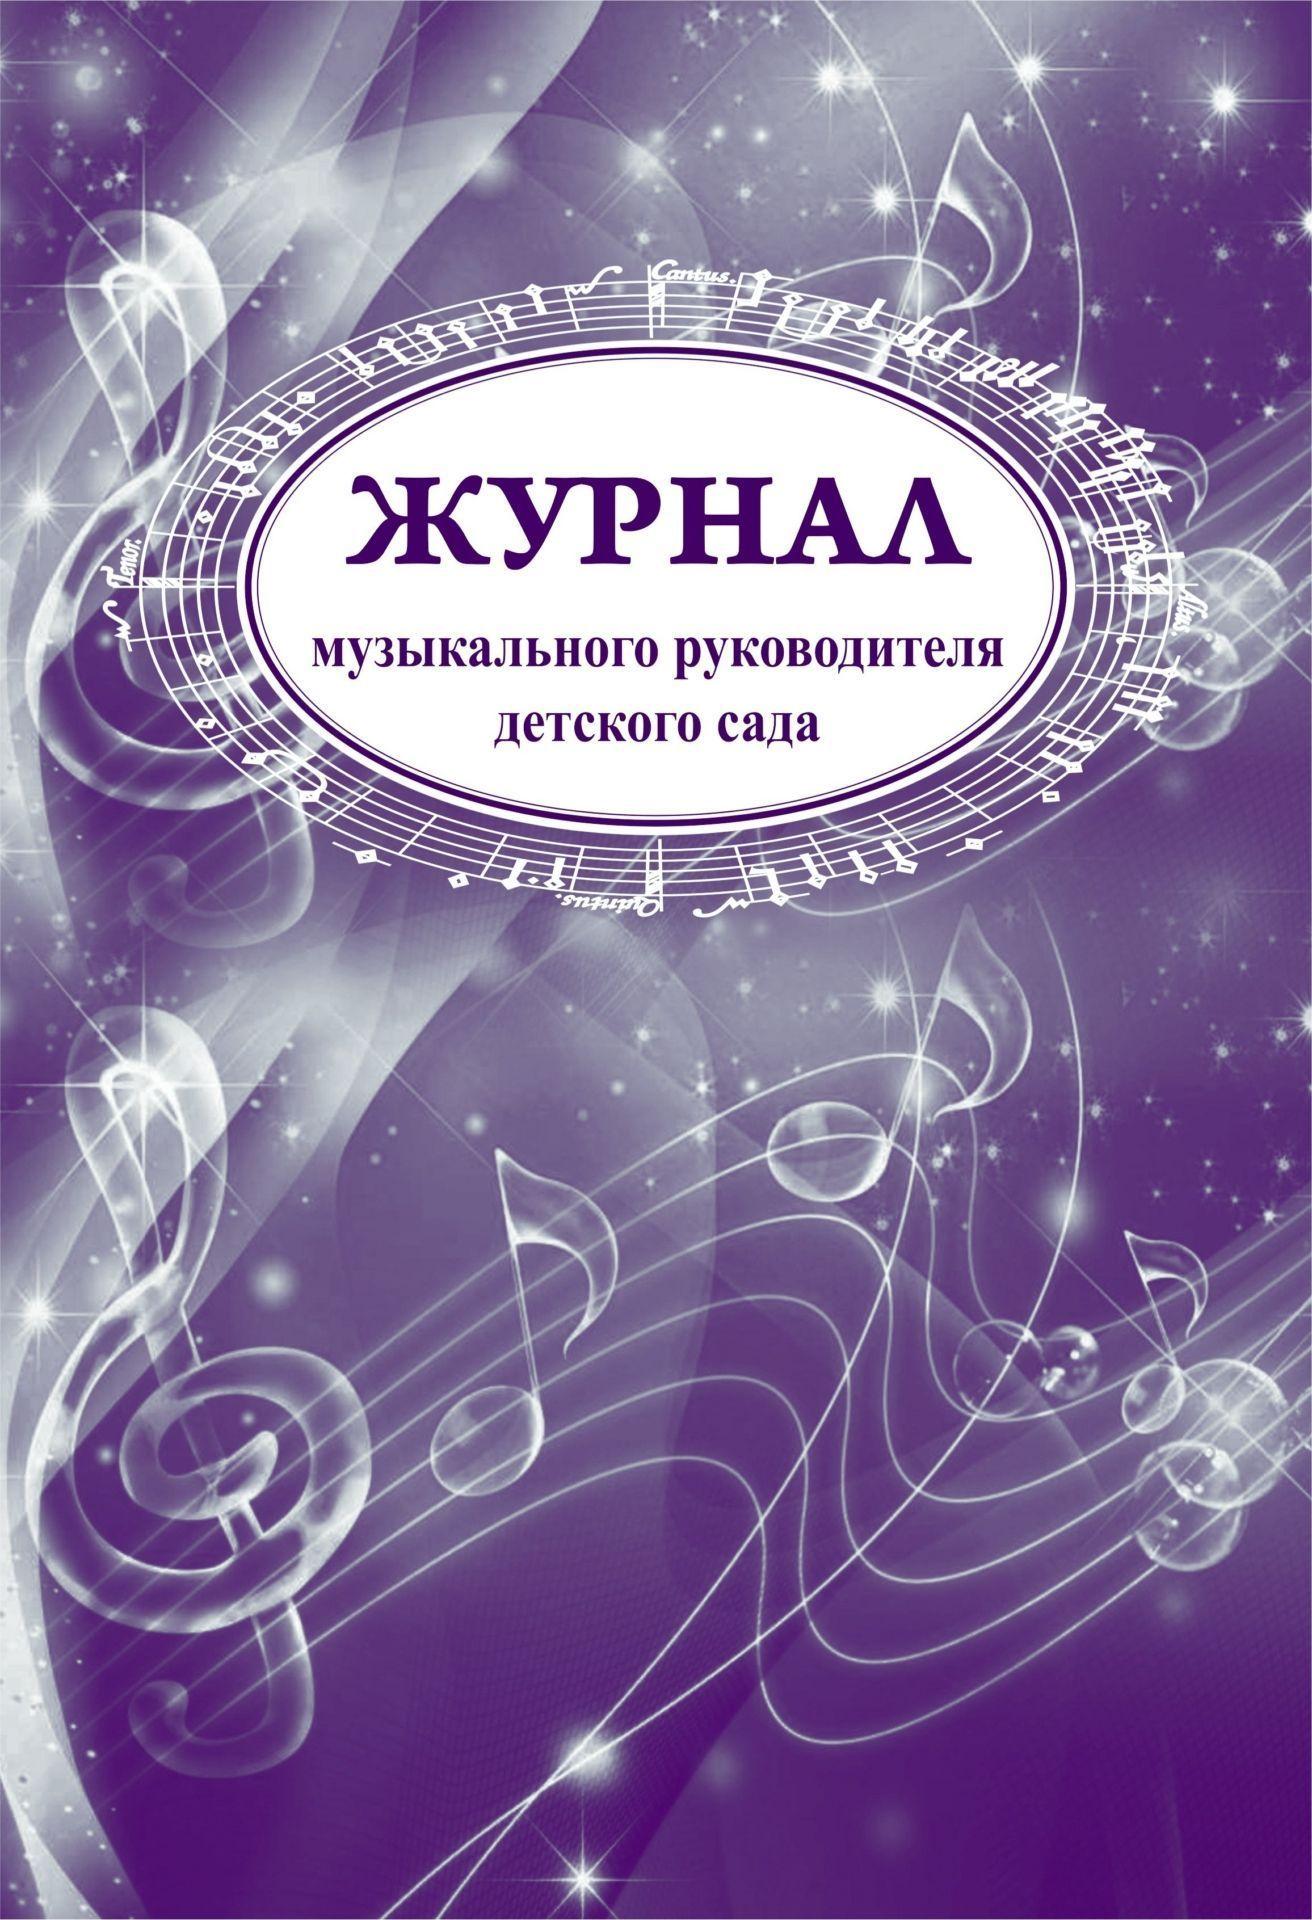 Журнал музыкального руководителя детского сада (КЖ-903)